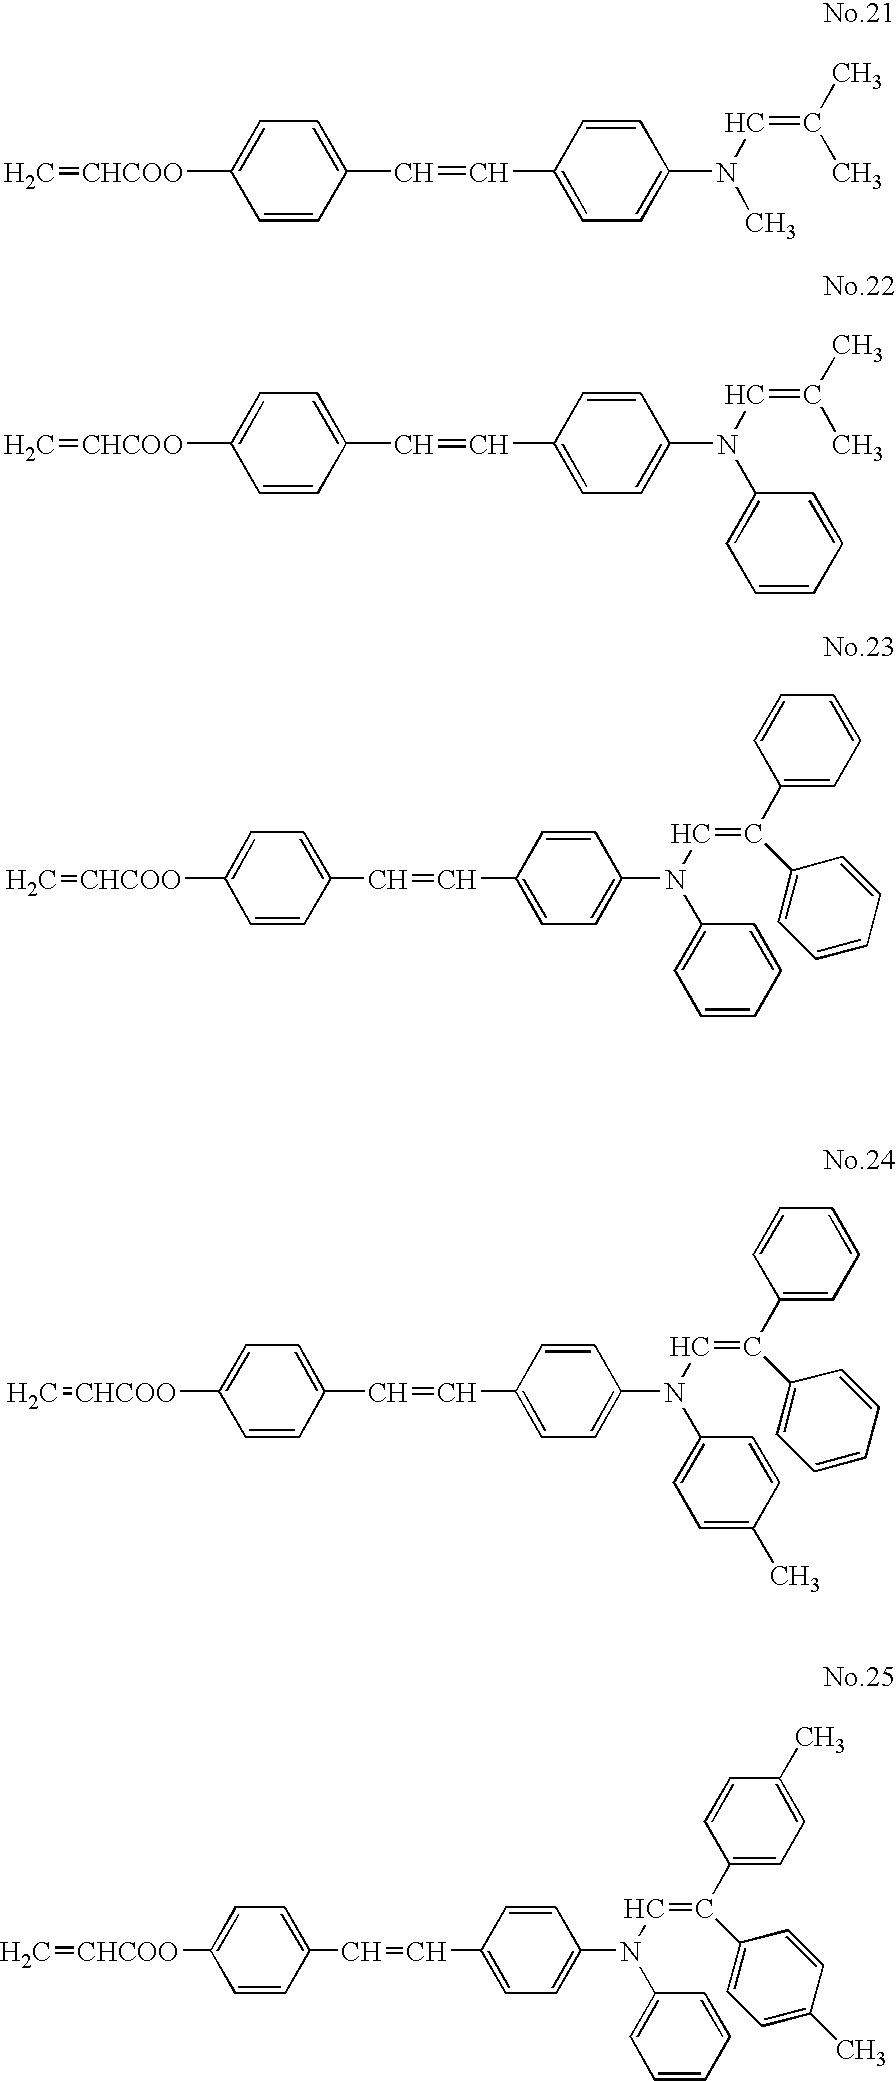 Figure US07507509-20090324-C00010